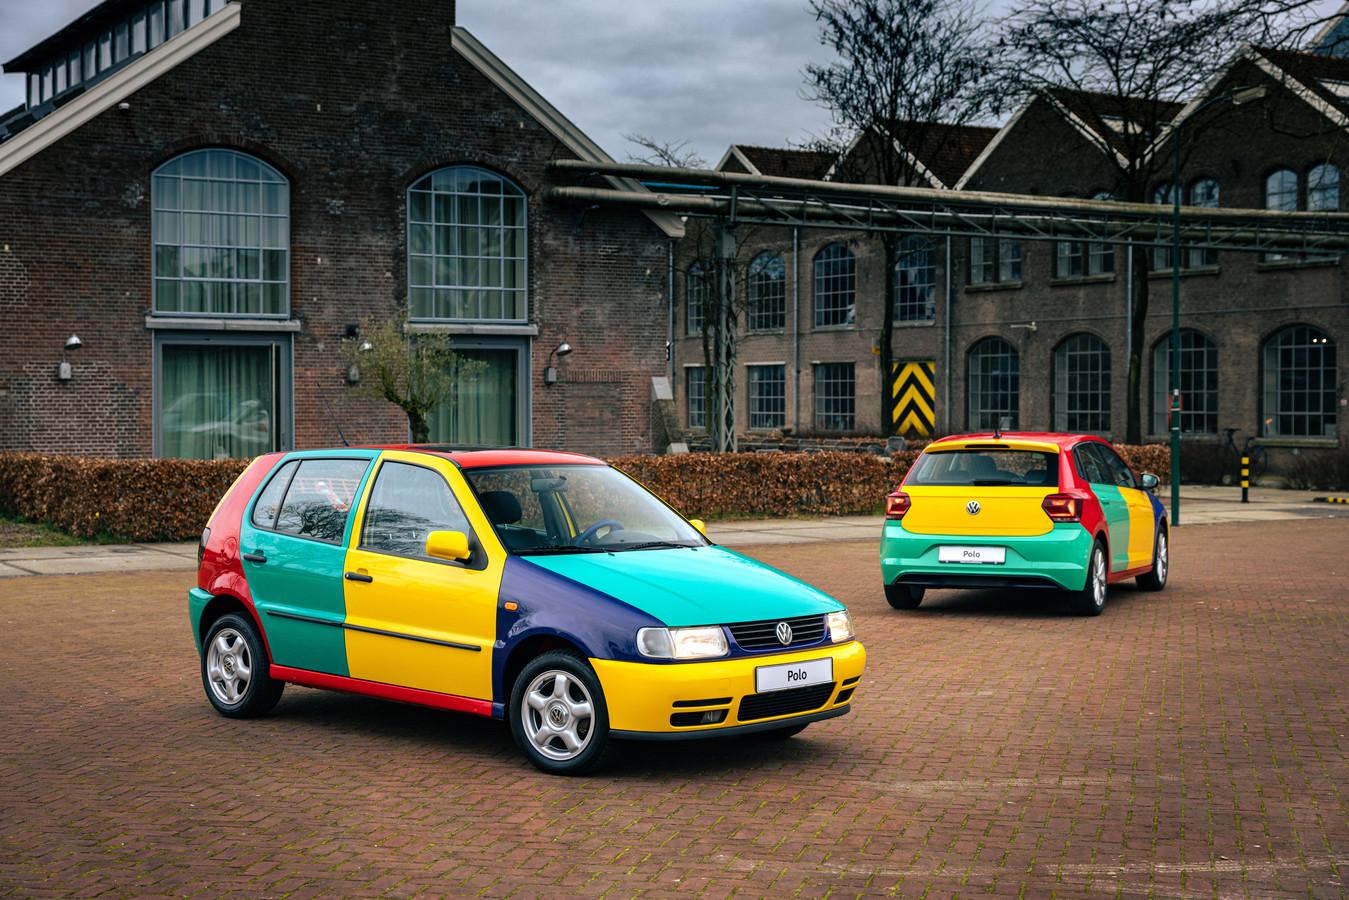 Het origineel uit 1995 van naderbij bekeken, rechts de Volkswagen Polo Harlekin 2021.